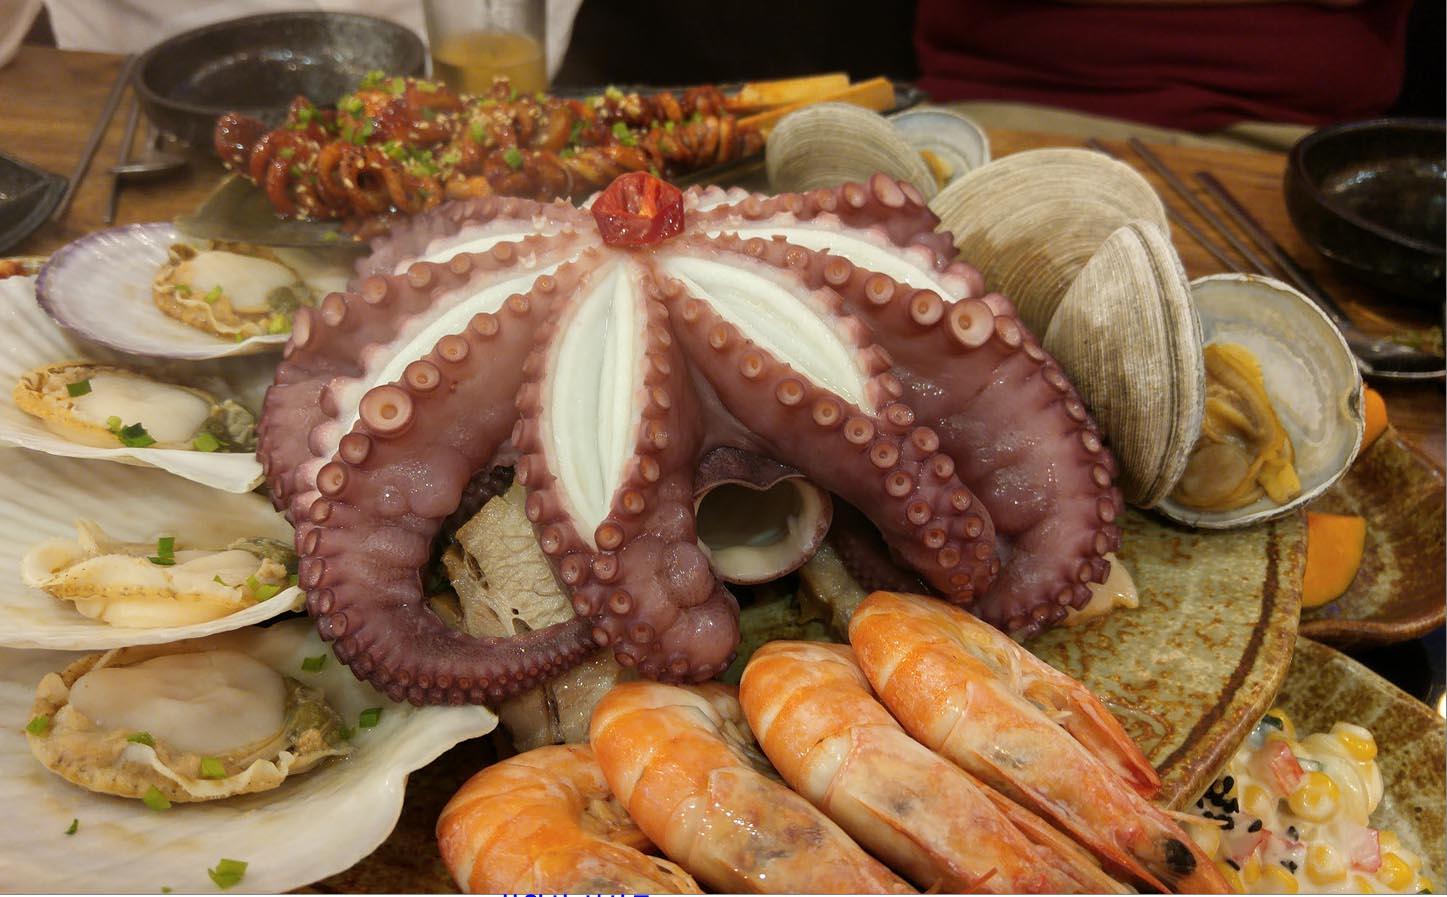 〔金仔韓遊〕原隻八爪魚上枱  大王海鮮八爪魚食顏值